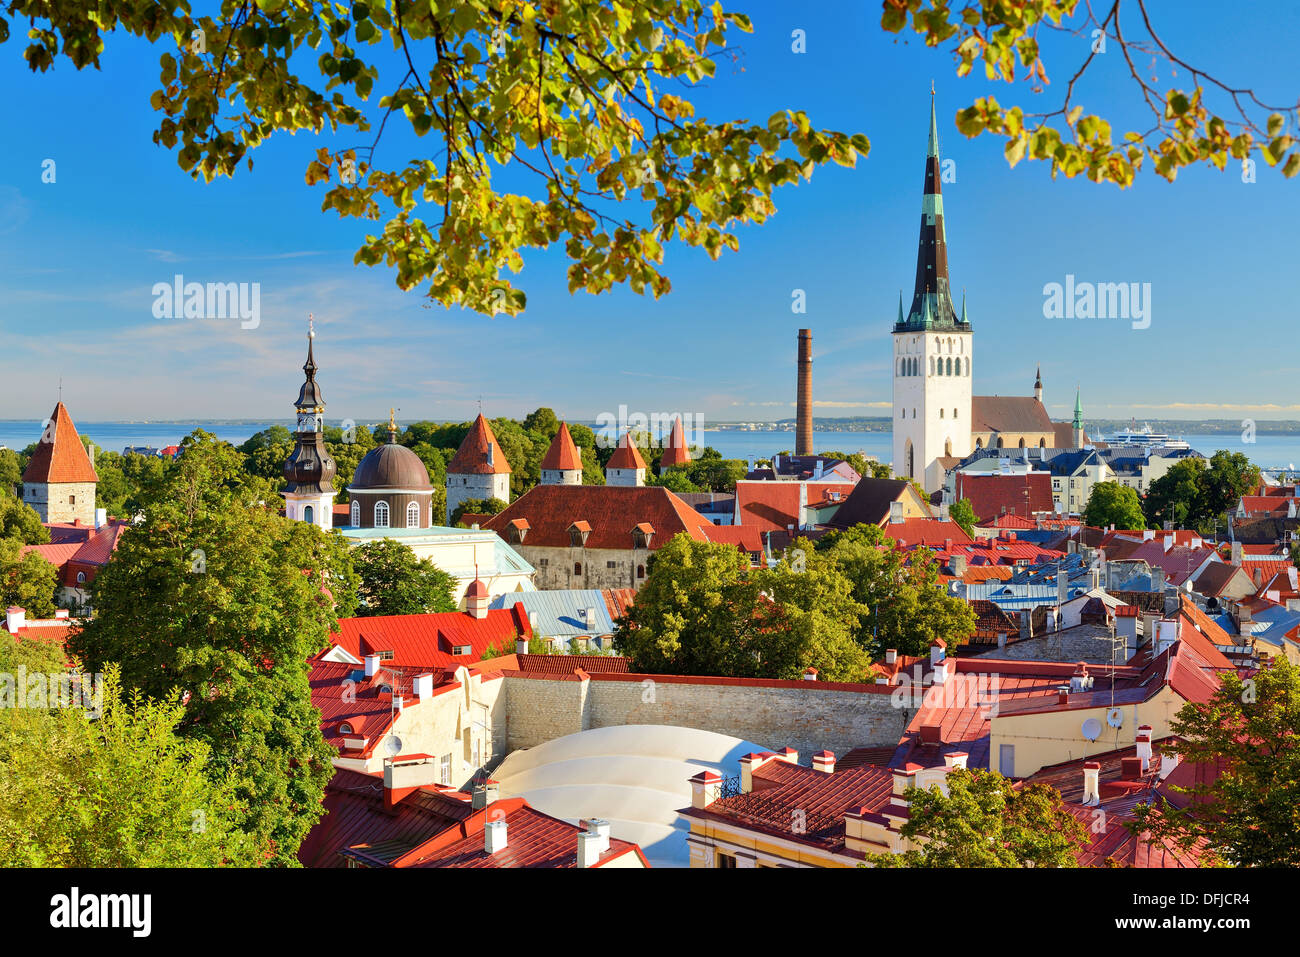 Skyline von Tallinn, Estland in der Altstadt. Stockbild